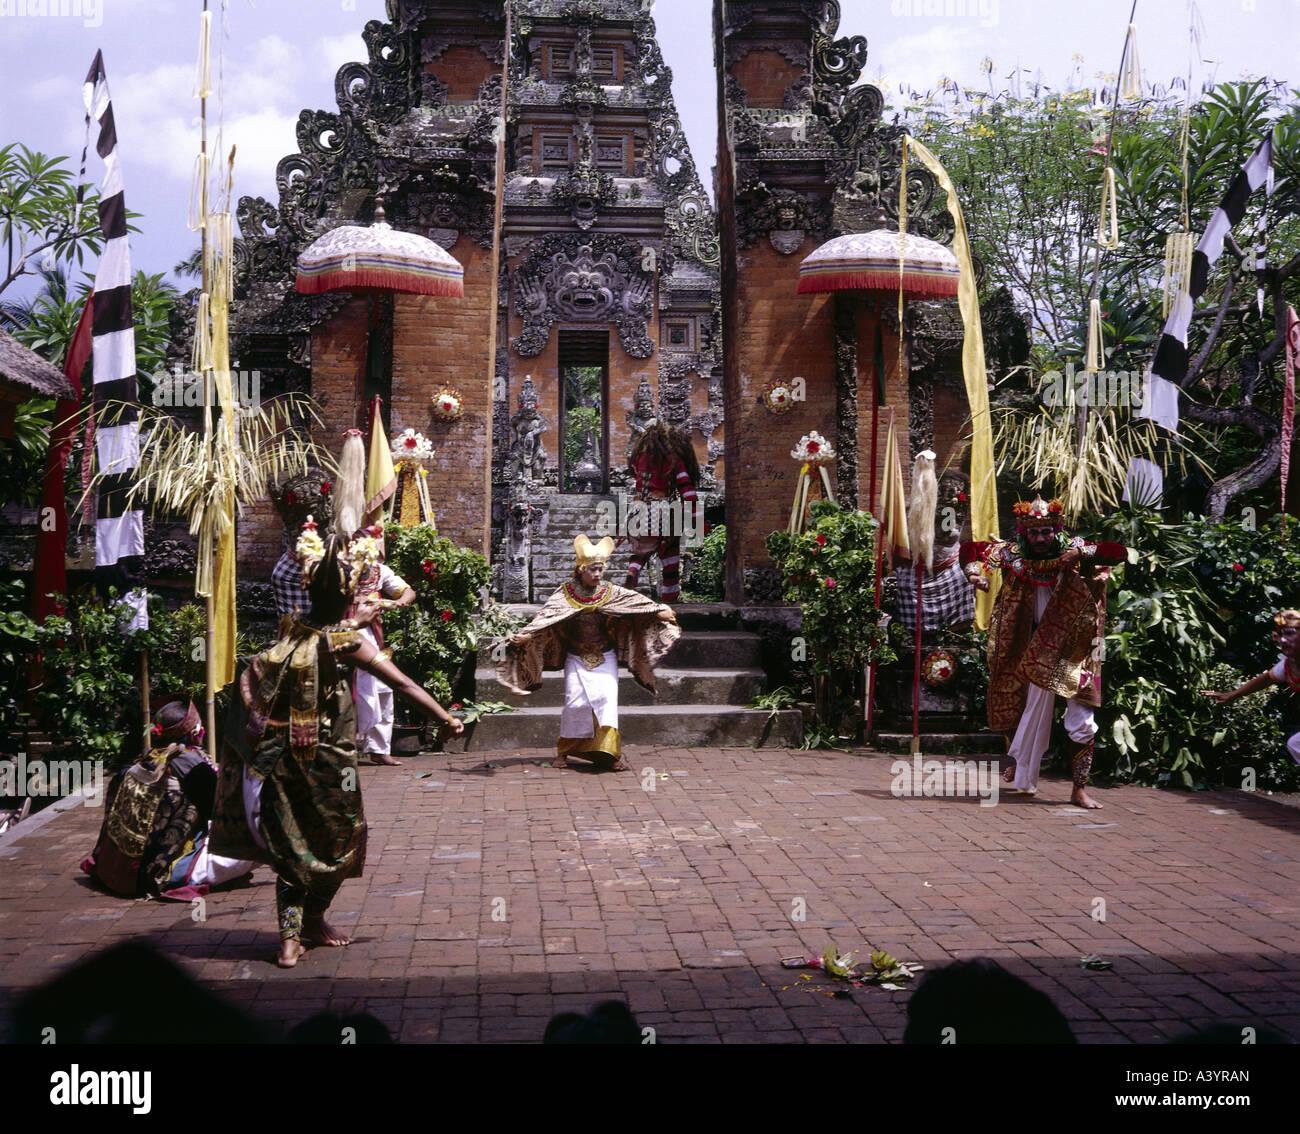 Viaje / Geografía, Indonesia, Bali, tradición / Folclore, baile Barong, aparición de Dewi Kunti, Imagen De Stock